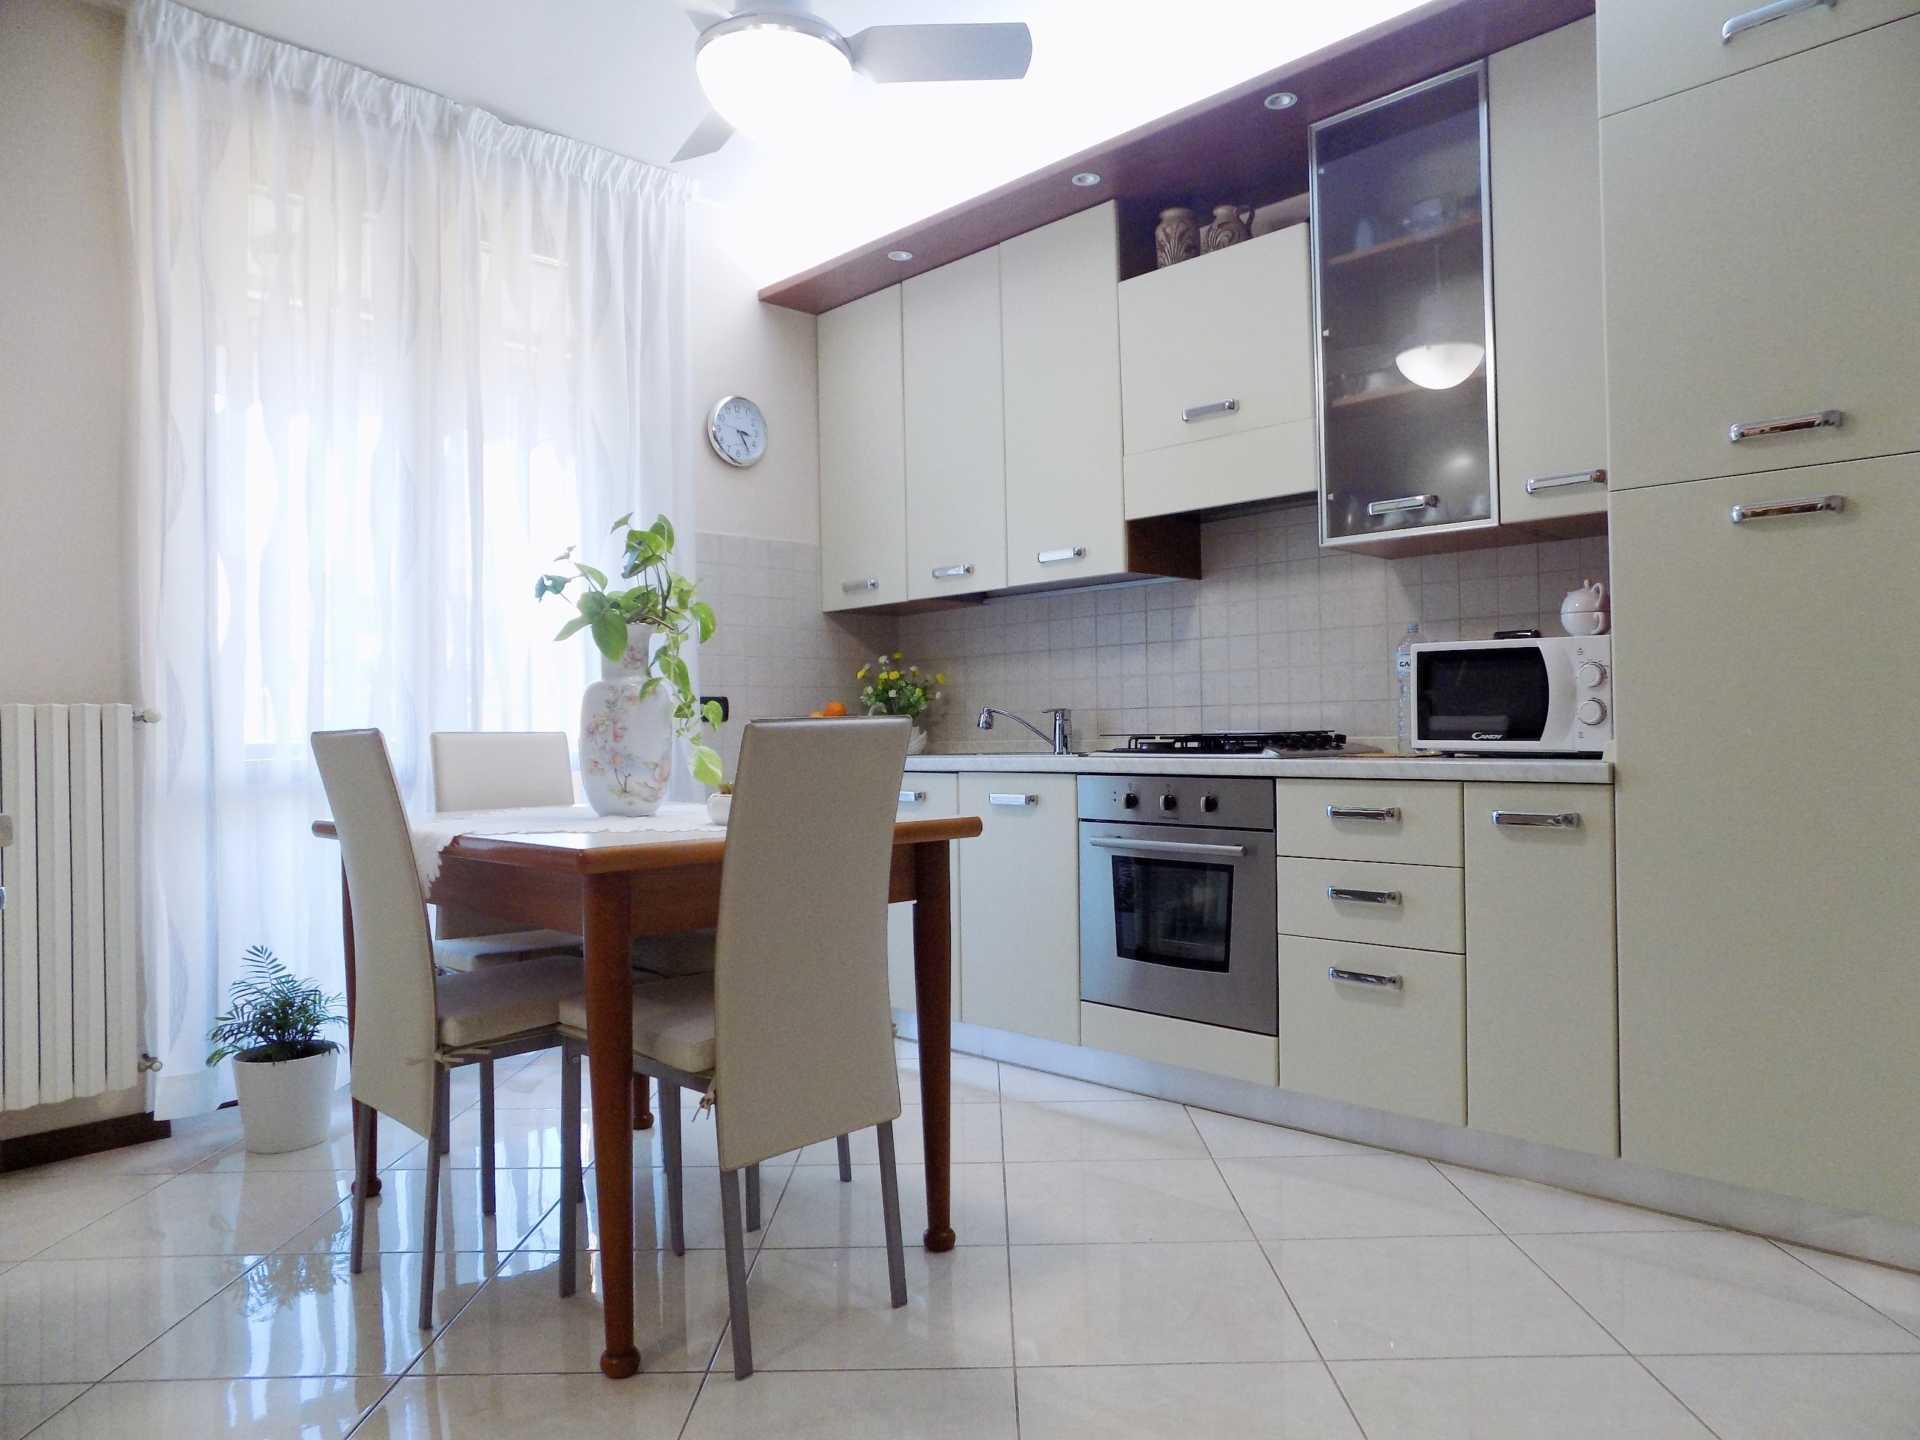 Bernareggio-appartamento-in-vendita (11)